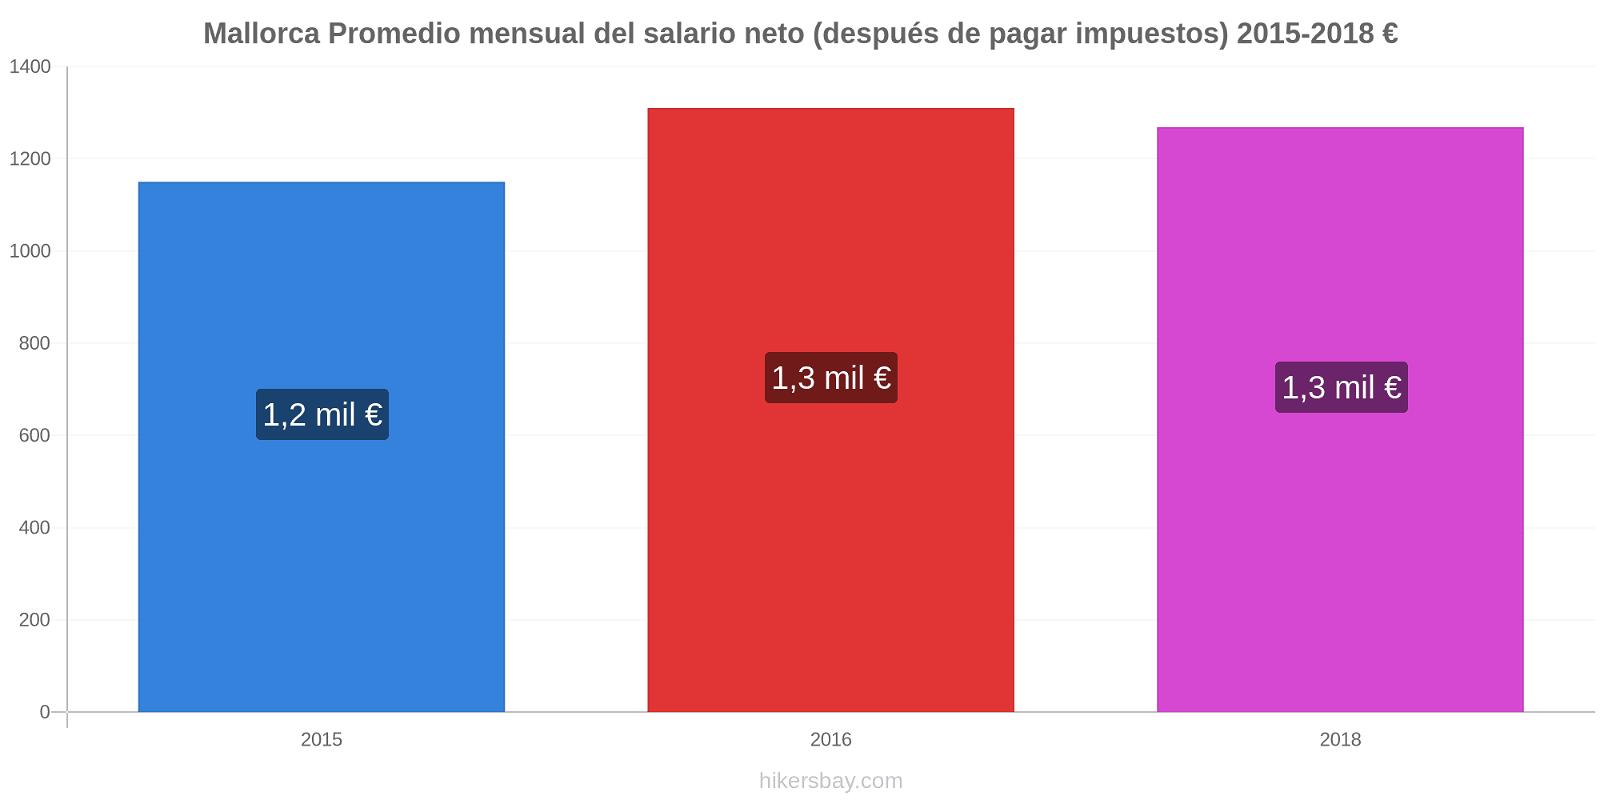 Mallorca cambios de precios Promedio mensual del salario neto (después de pagar impuestos) hikersbay.com